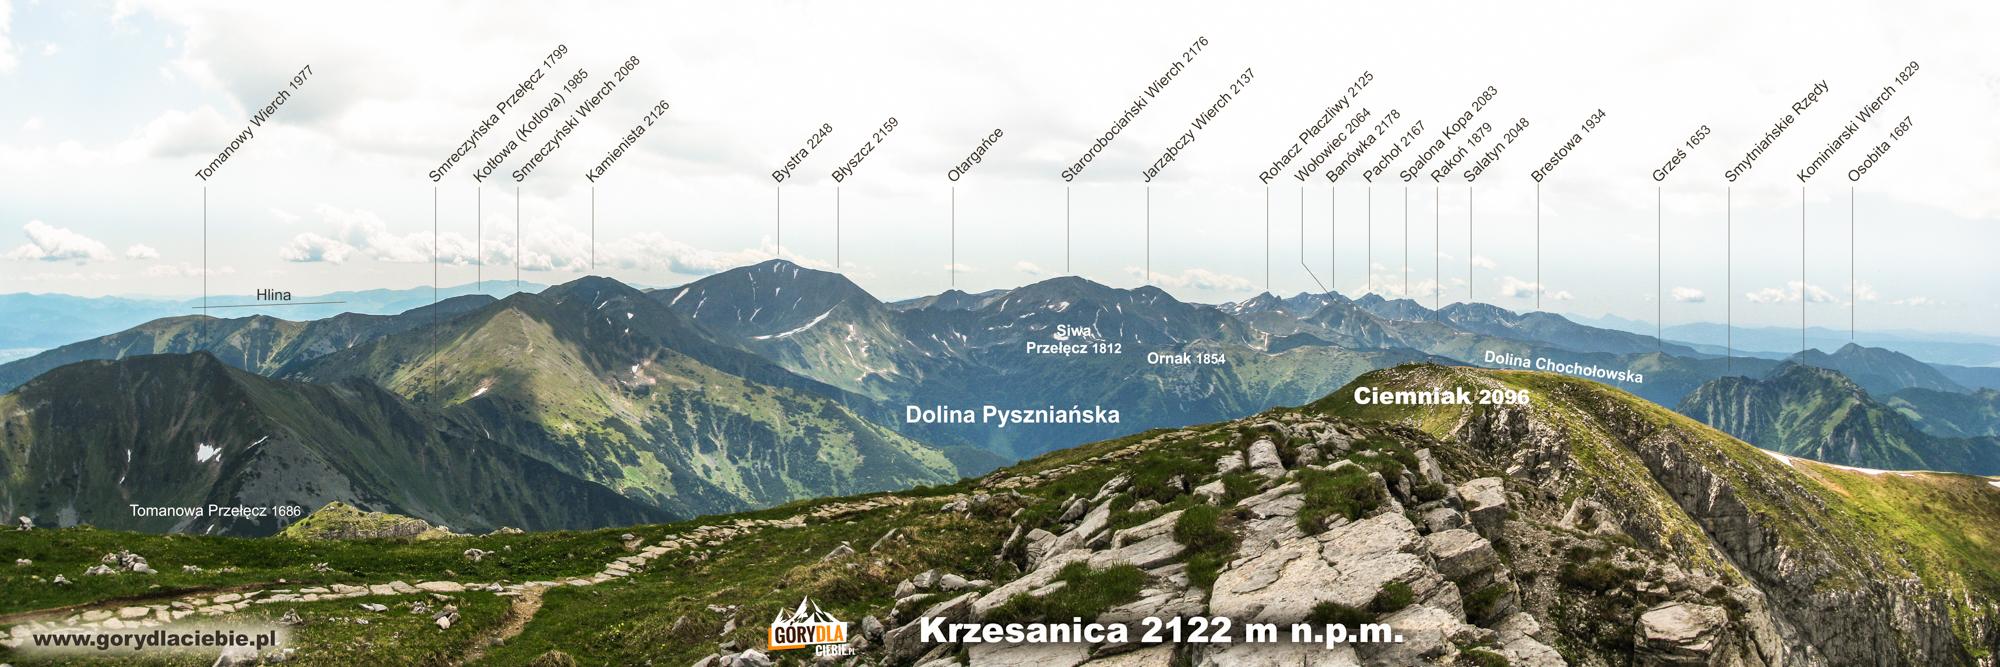 Panorama Tatr Zachodnich zeszczytu Krzesanicy (2122 m)